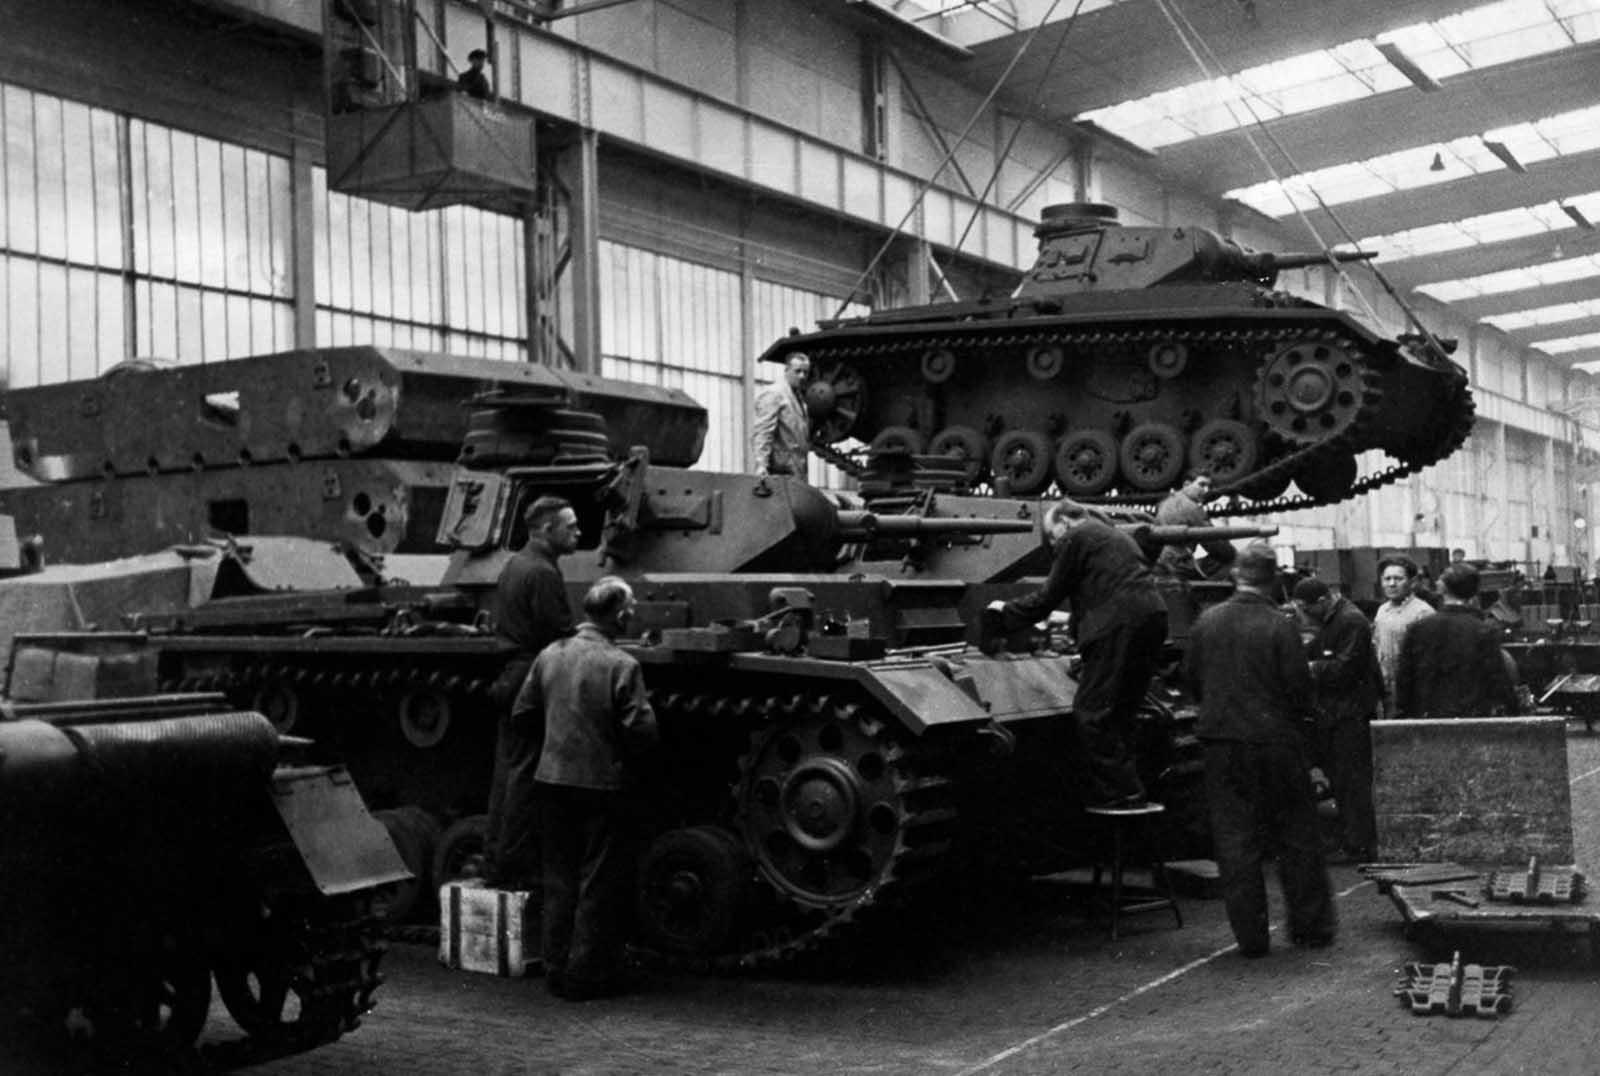 Una fábrica de tanques alemanes. 15 de mayo de 1940.